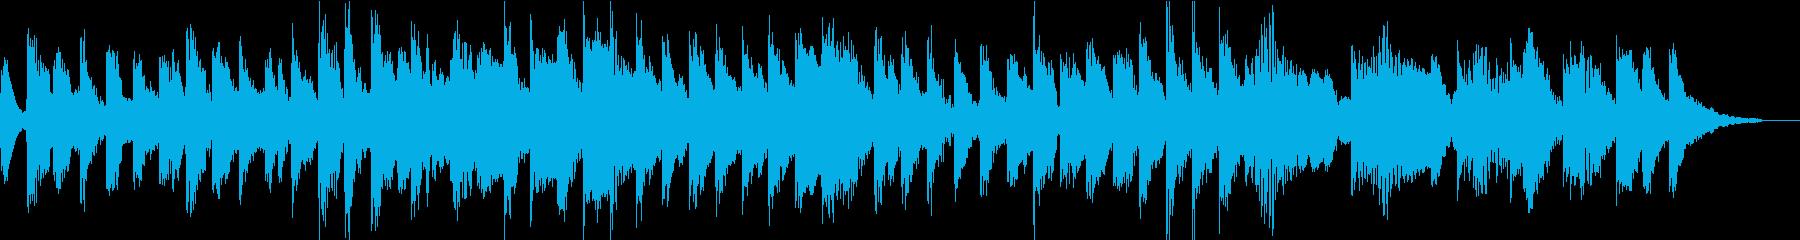 金平糖の精の踊り・エレピの再生済みの波形